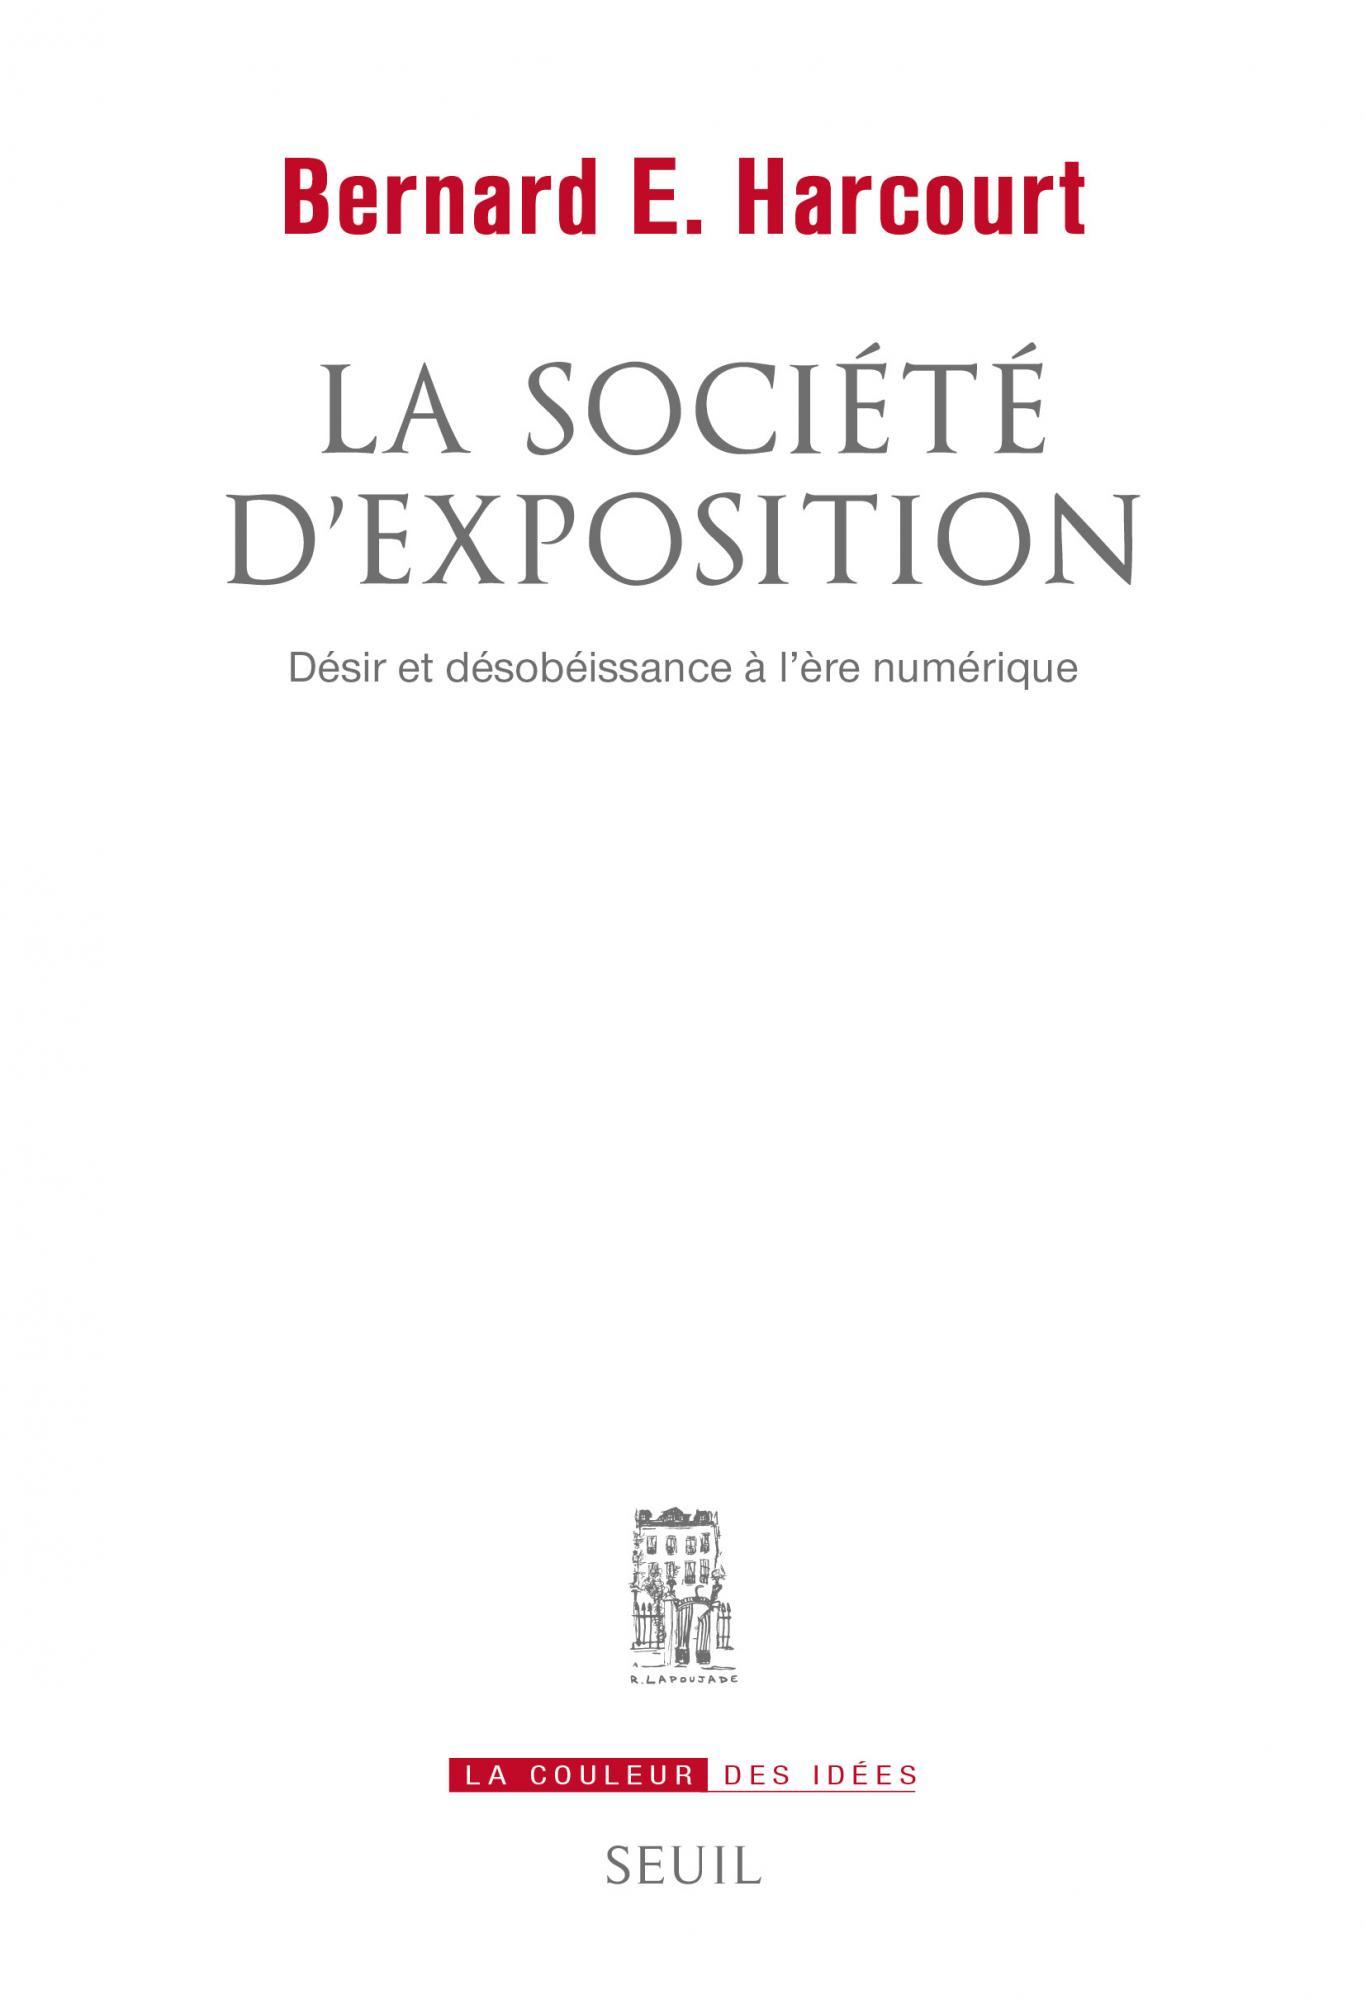 B. E. Harcourt, La Société d'exposition. Désir et désobéissance à l'ère numérique